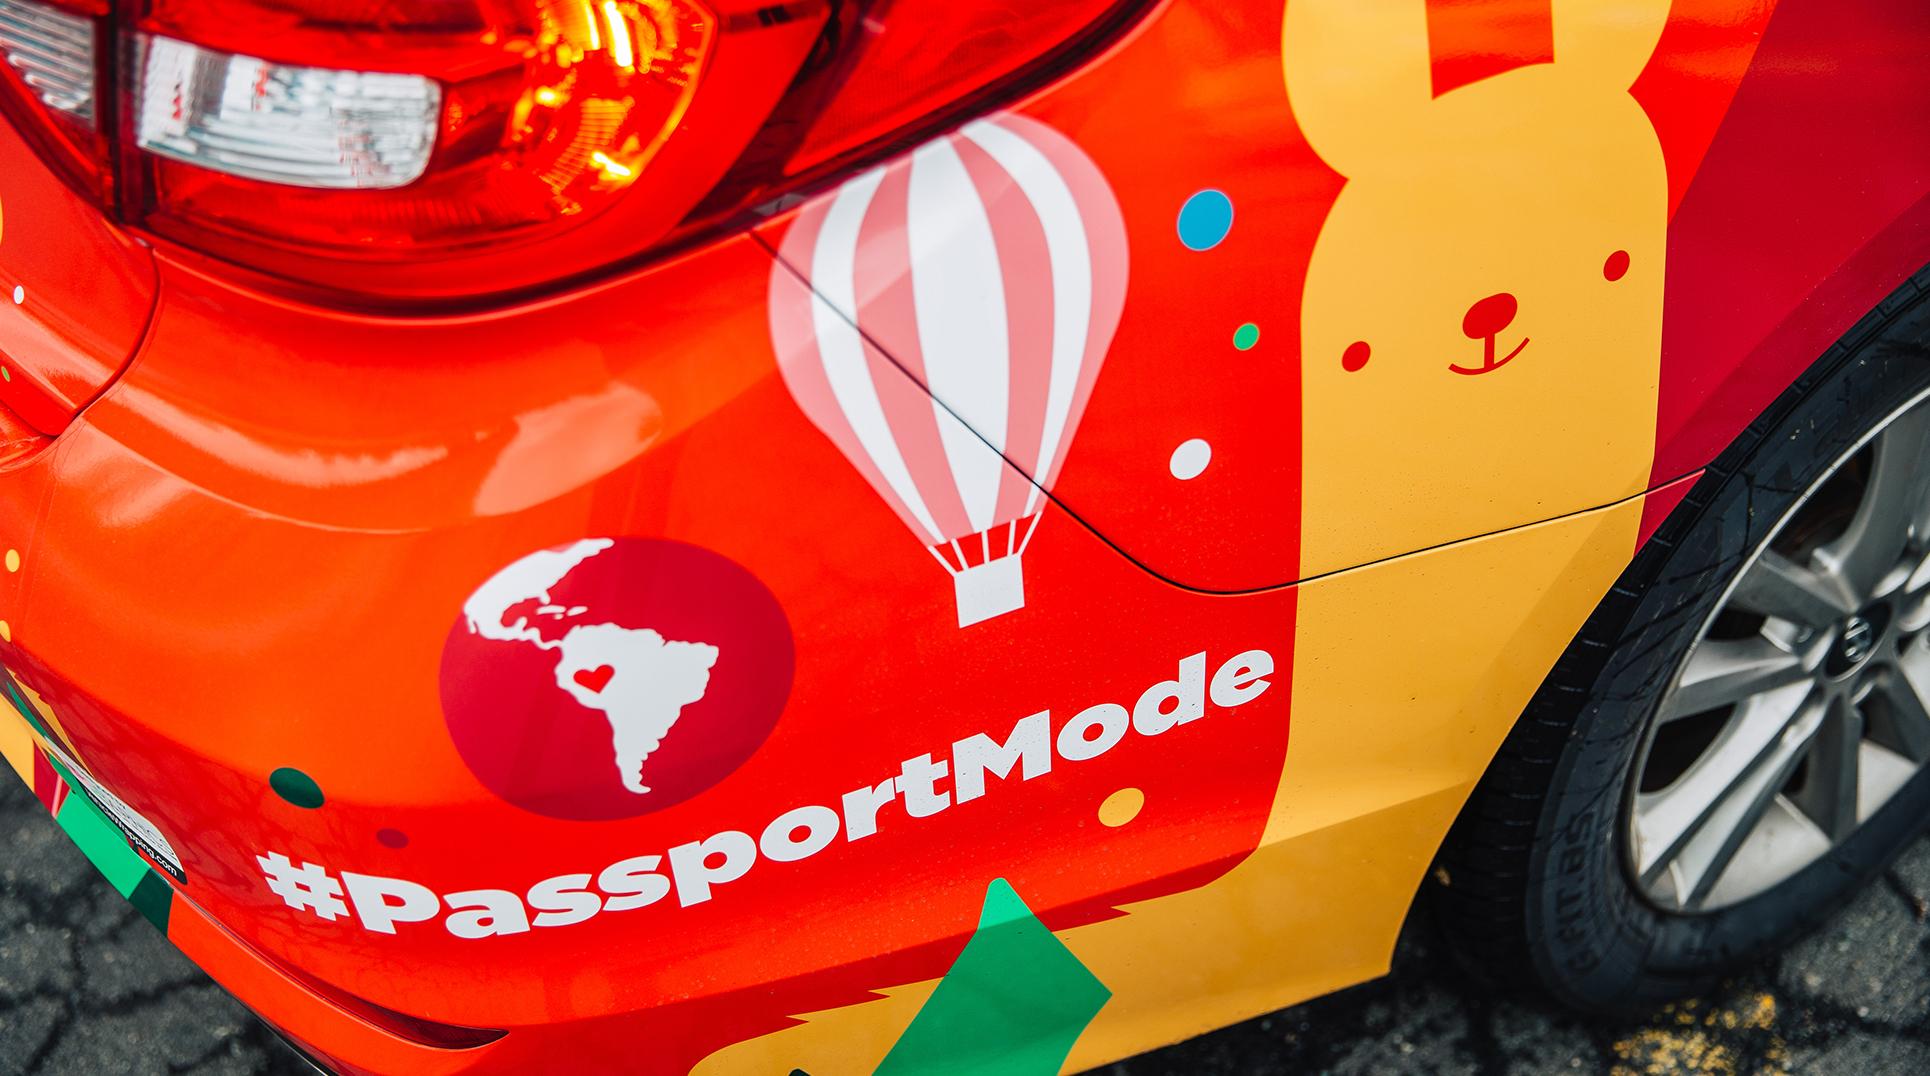 Lyft_PassportMode_6.jpg